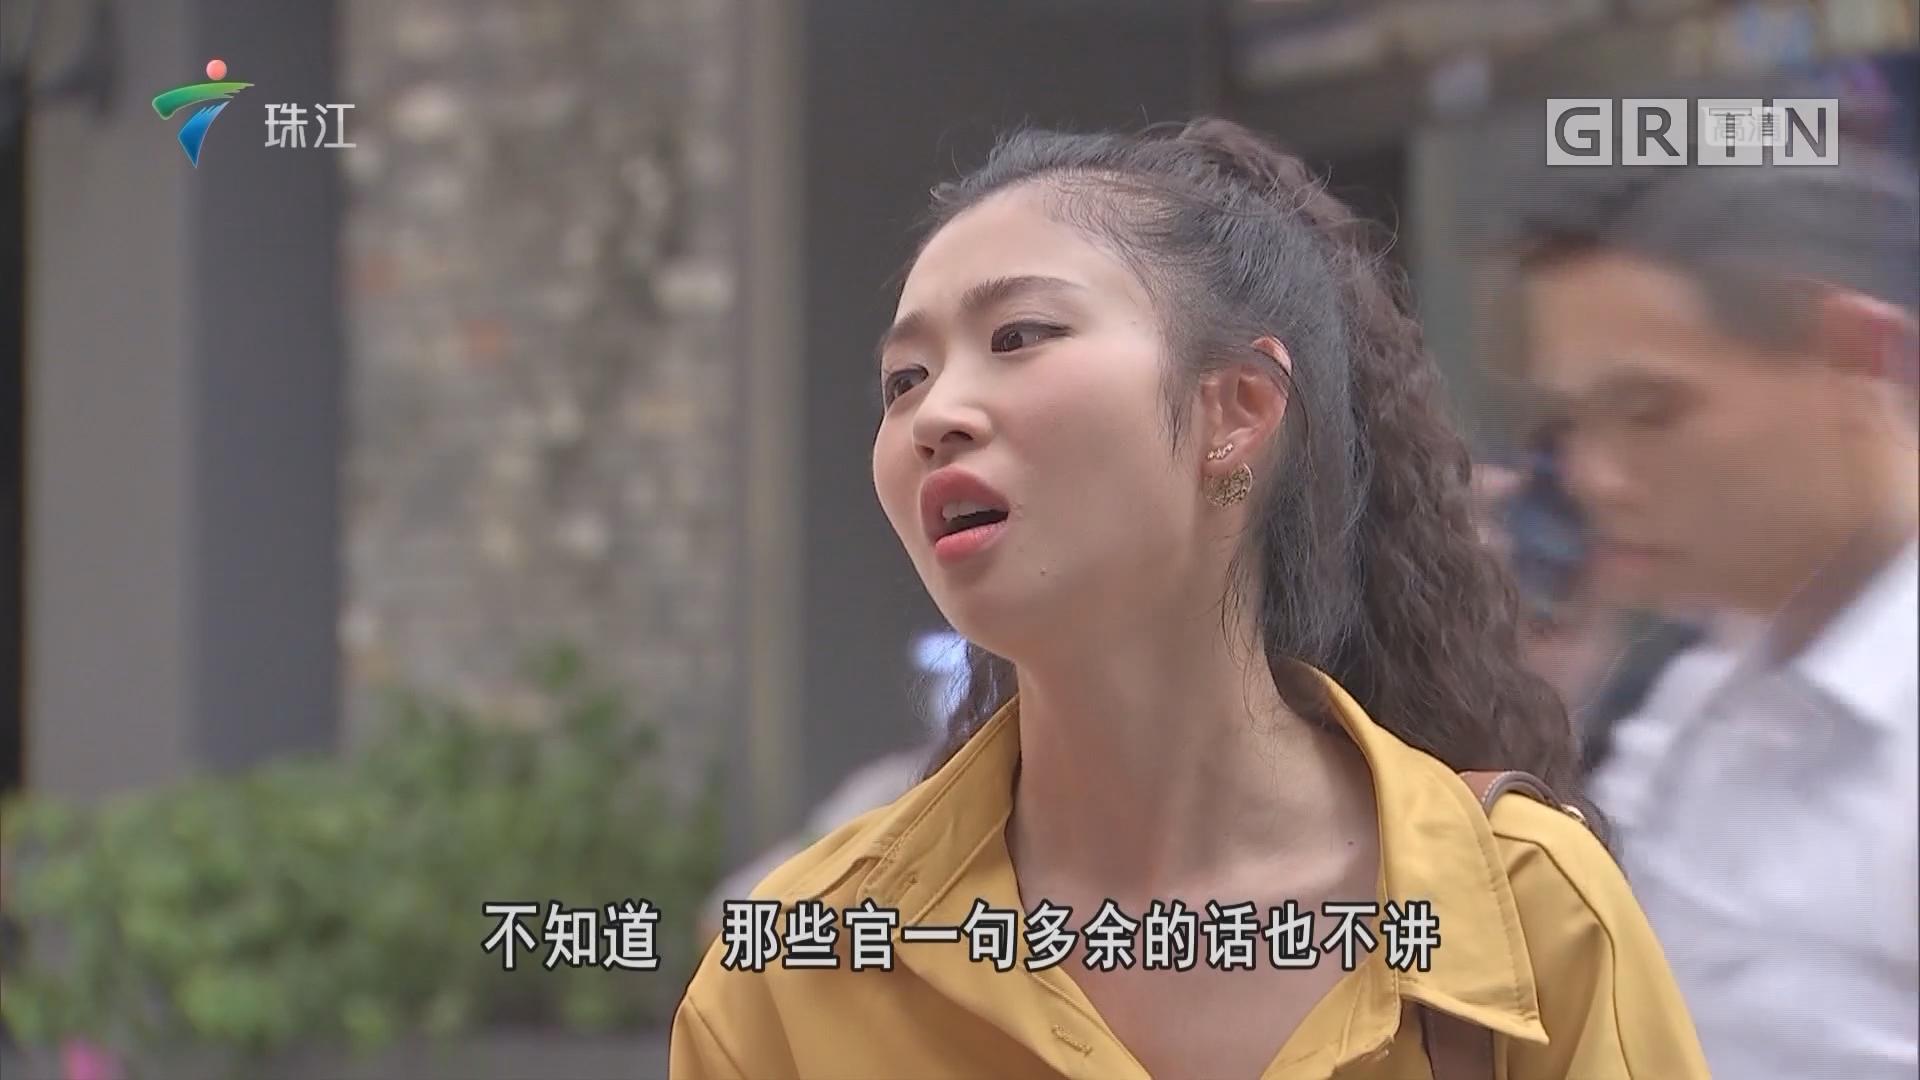 [HD][2018-12-23]外来媳妇本地郎:窘情谁寄(下)